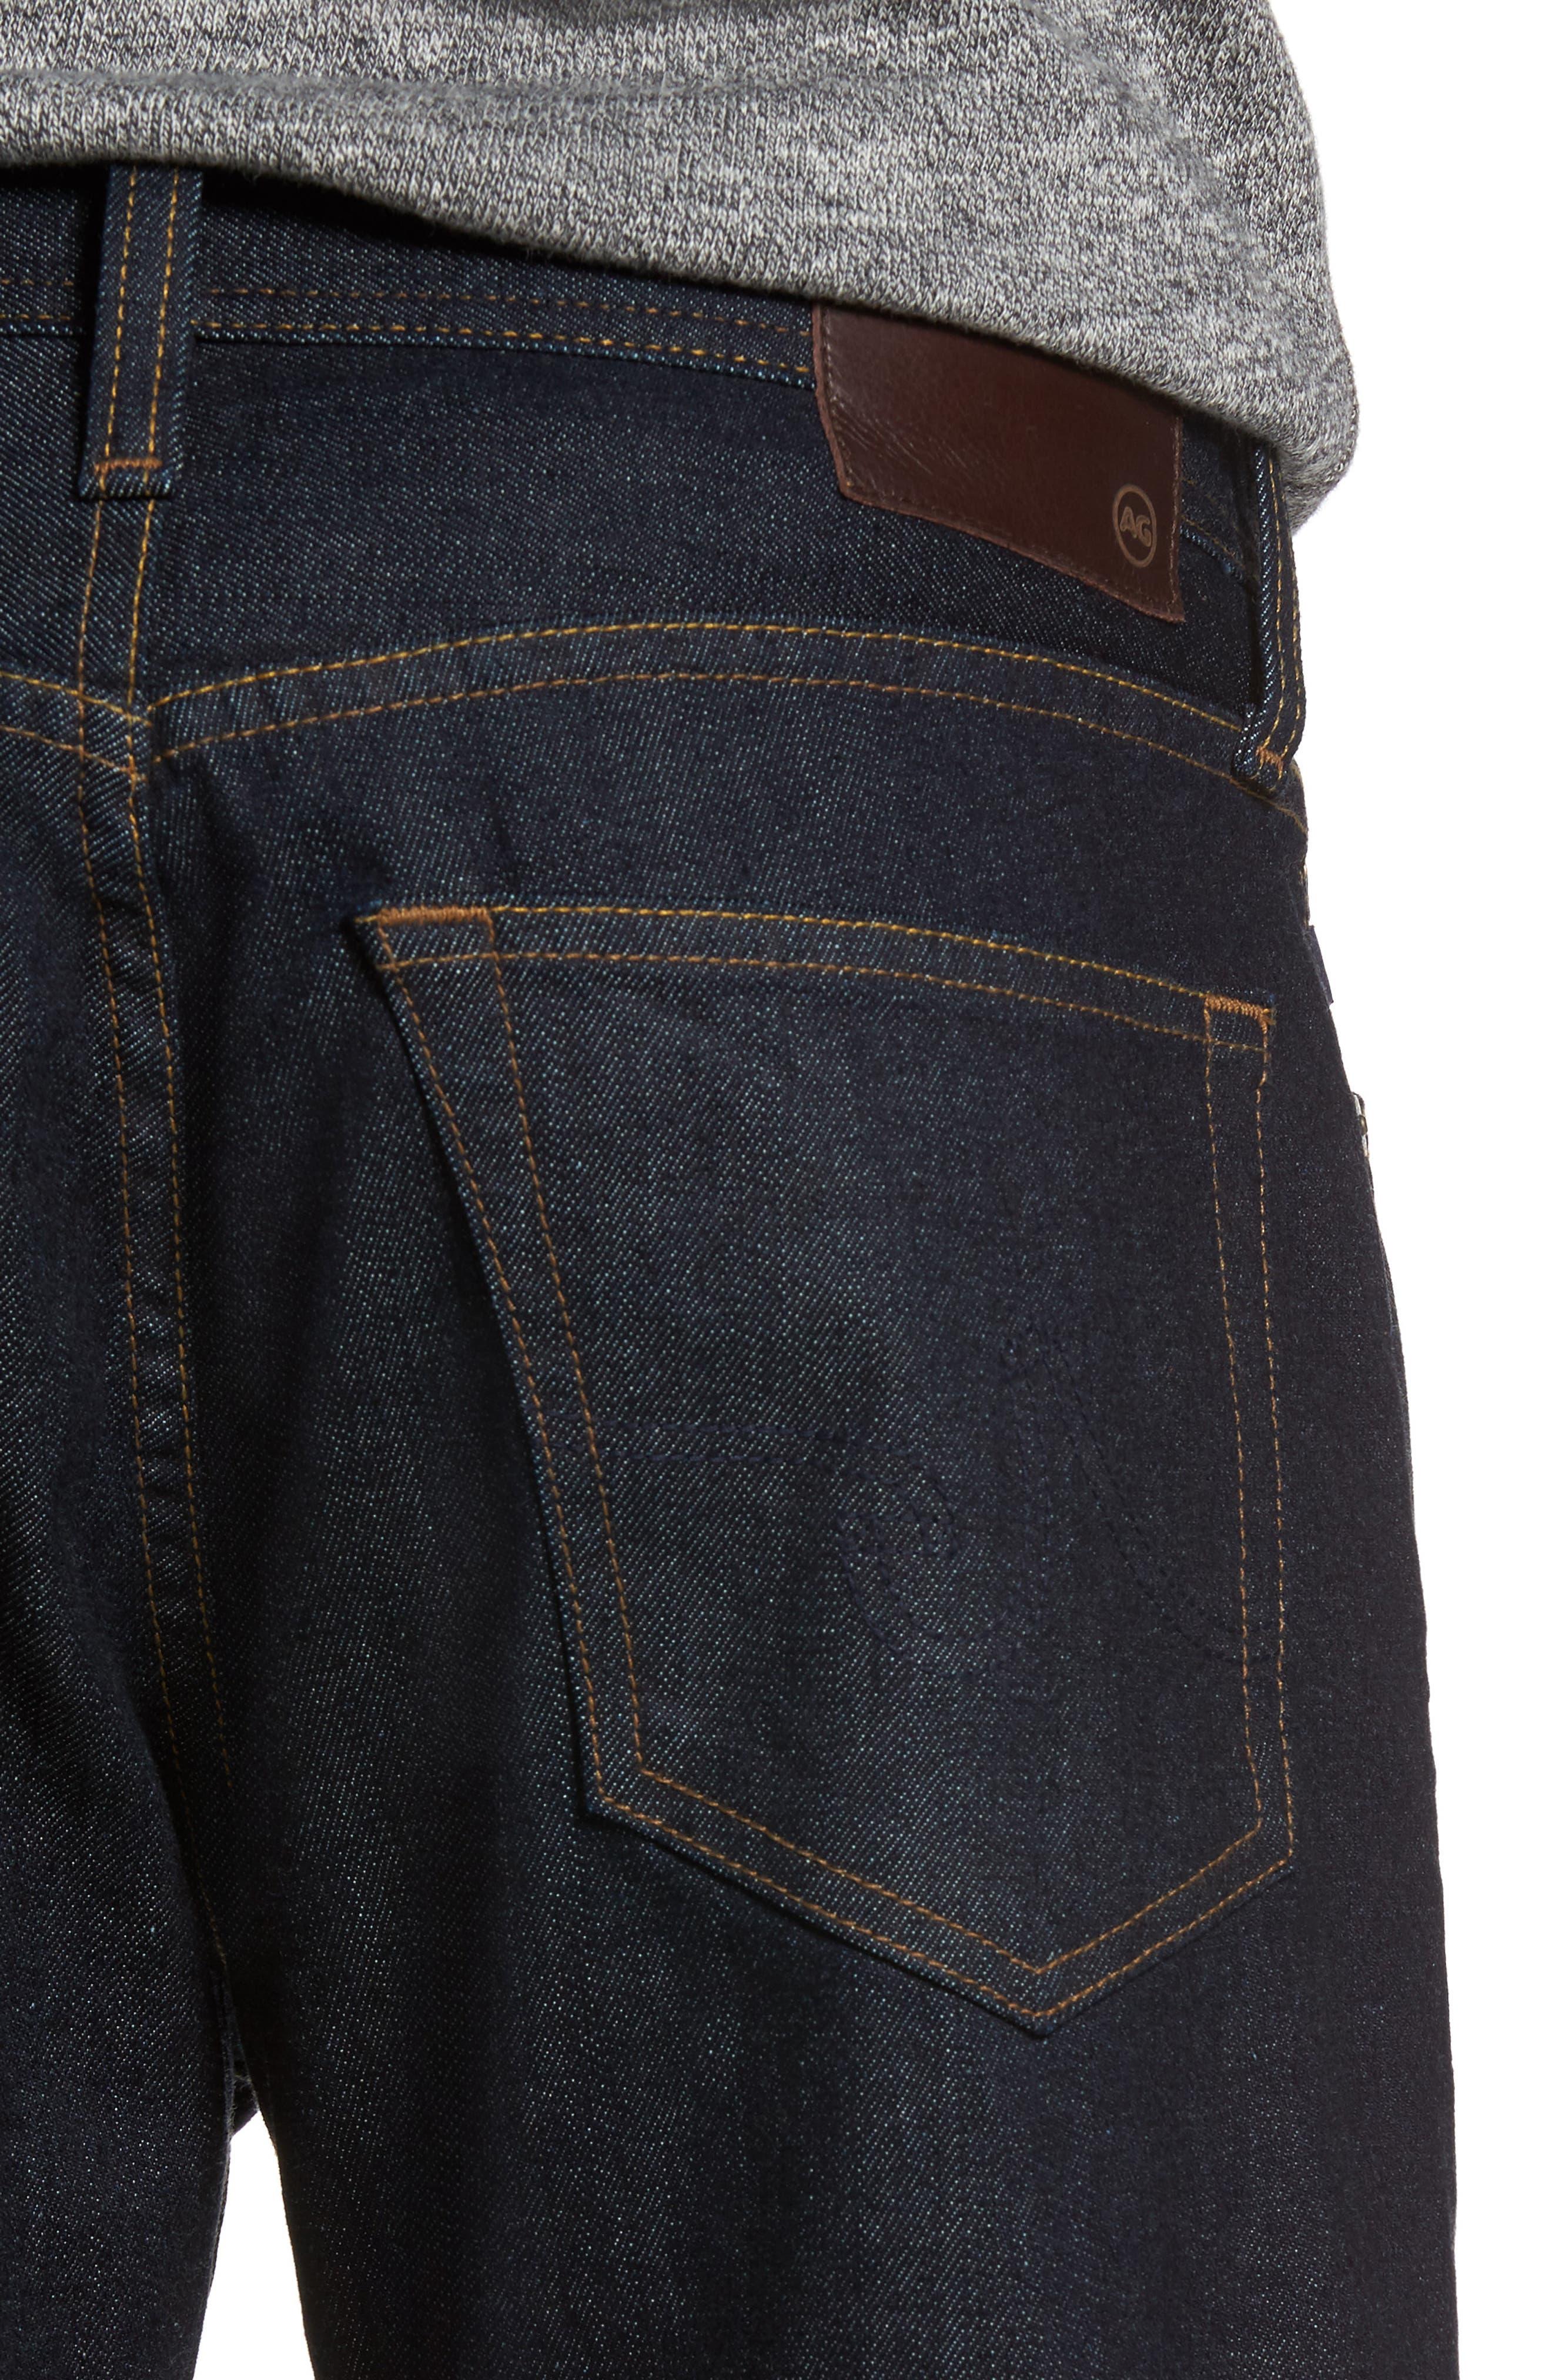 Everett Slim Straight Leg Jeans,                             Alternate thumbnail 4, color,                             Highway